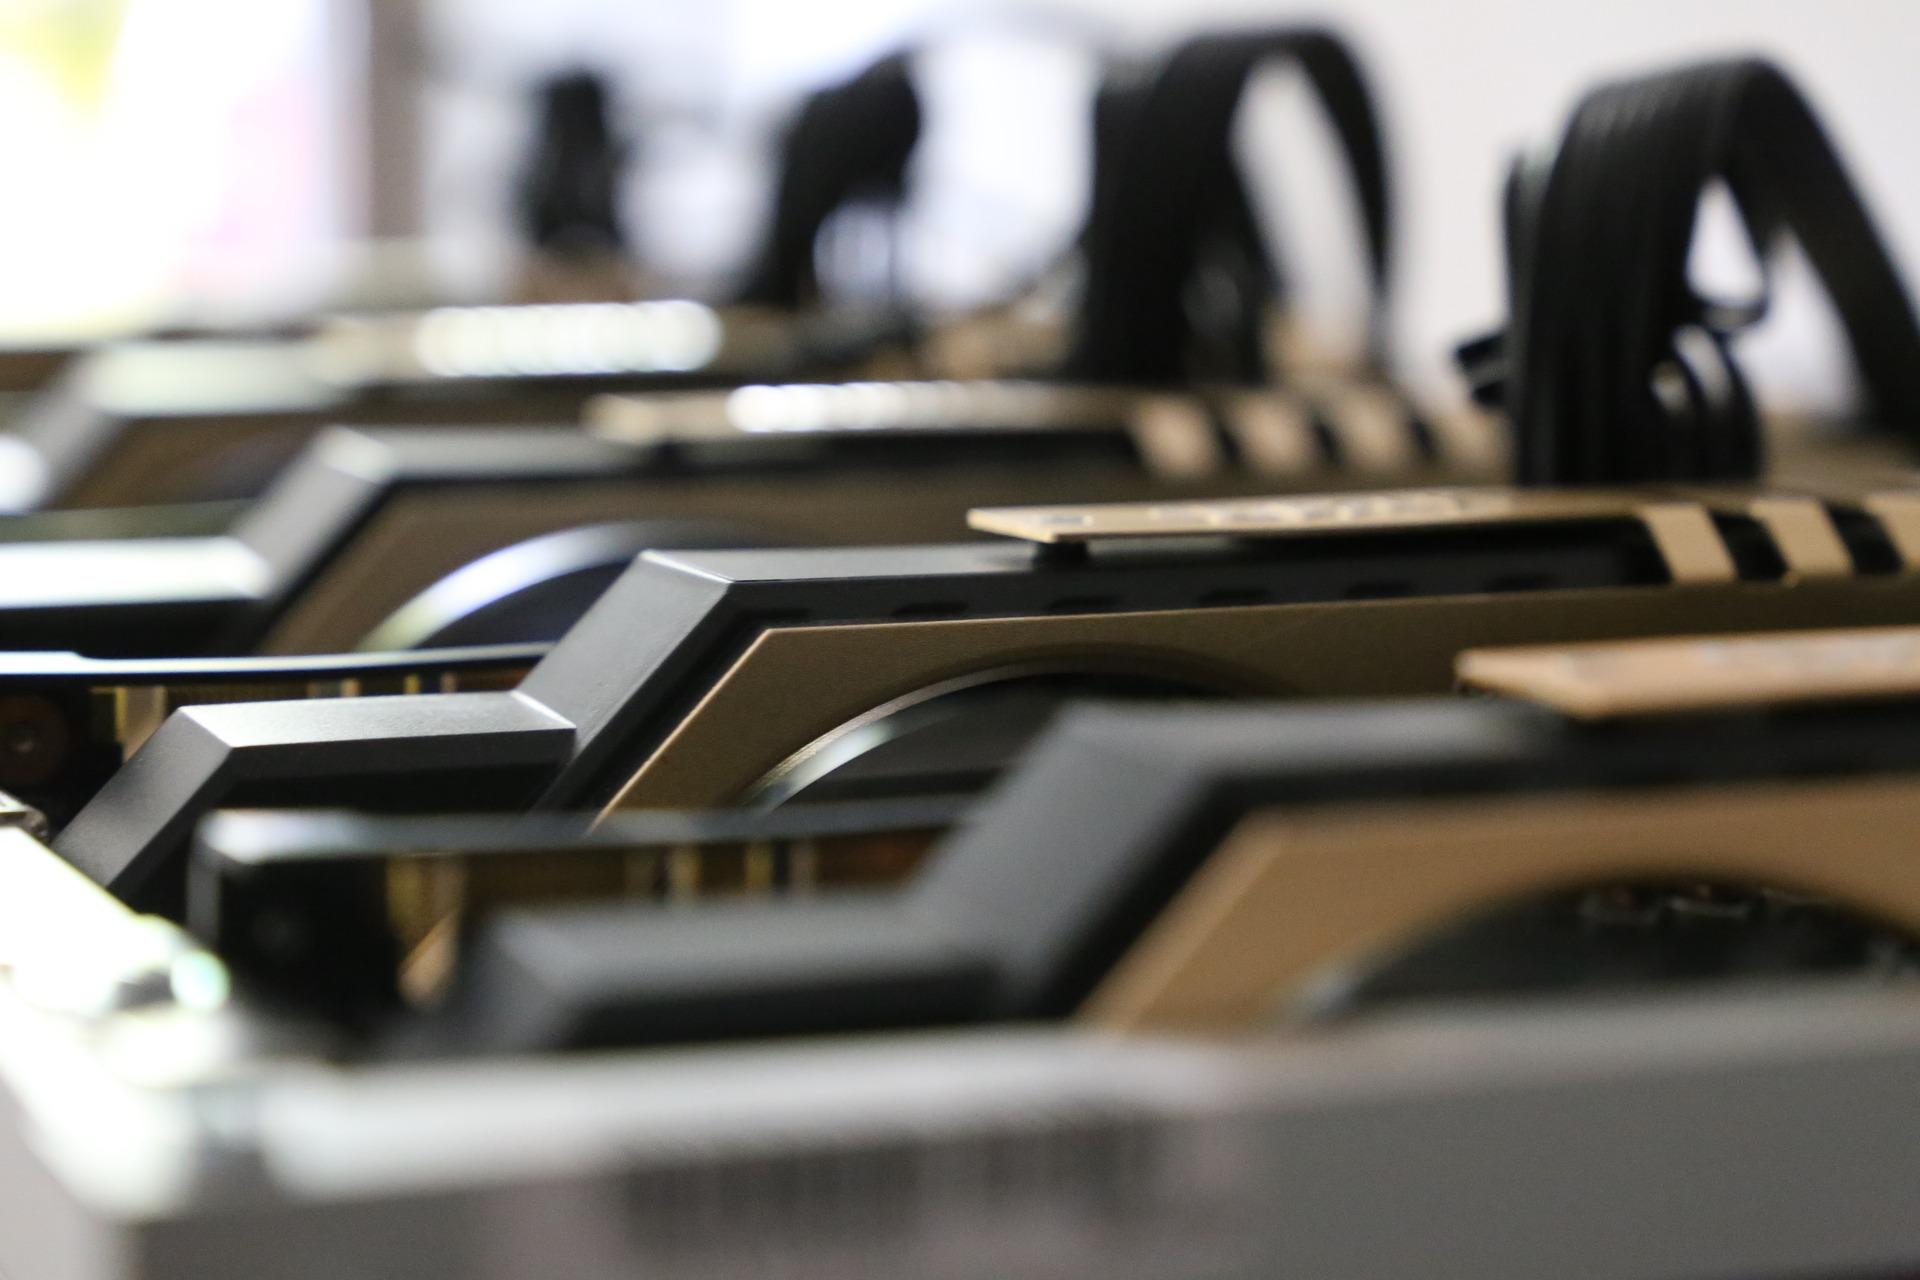 Regulador de criptomonedas, compañía estatal eléctrica y ministerio de energía fijan regulaciones para la minería digital en Venezuela